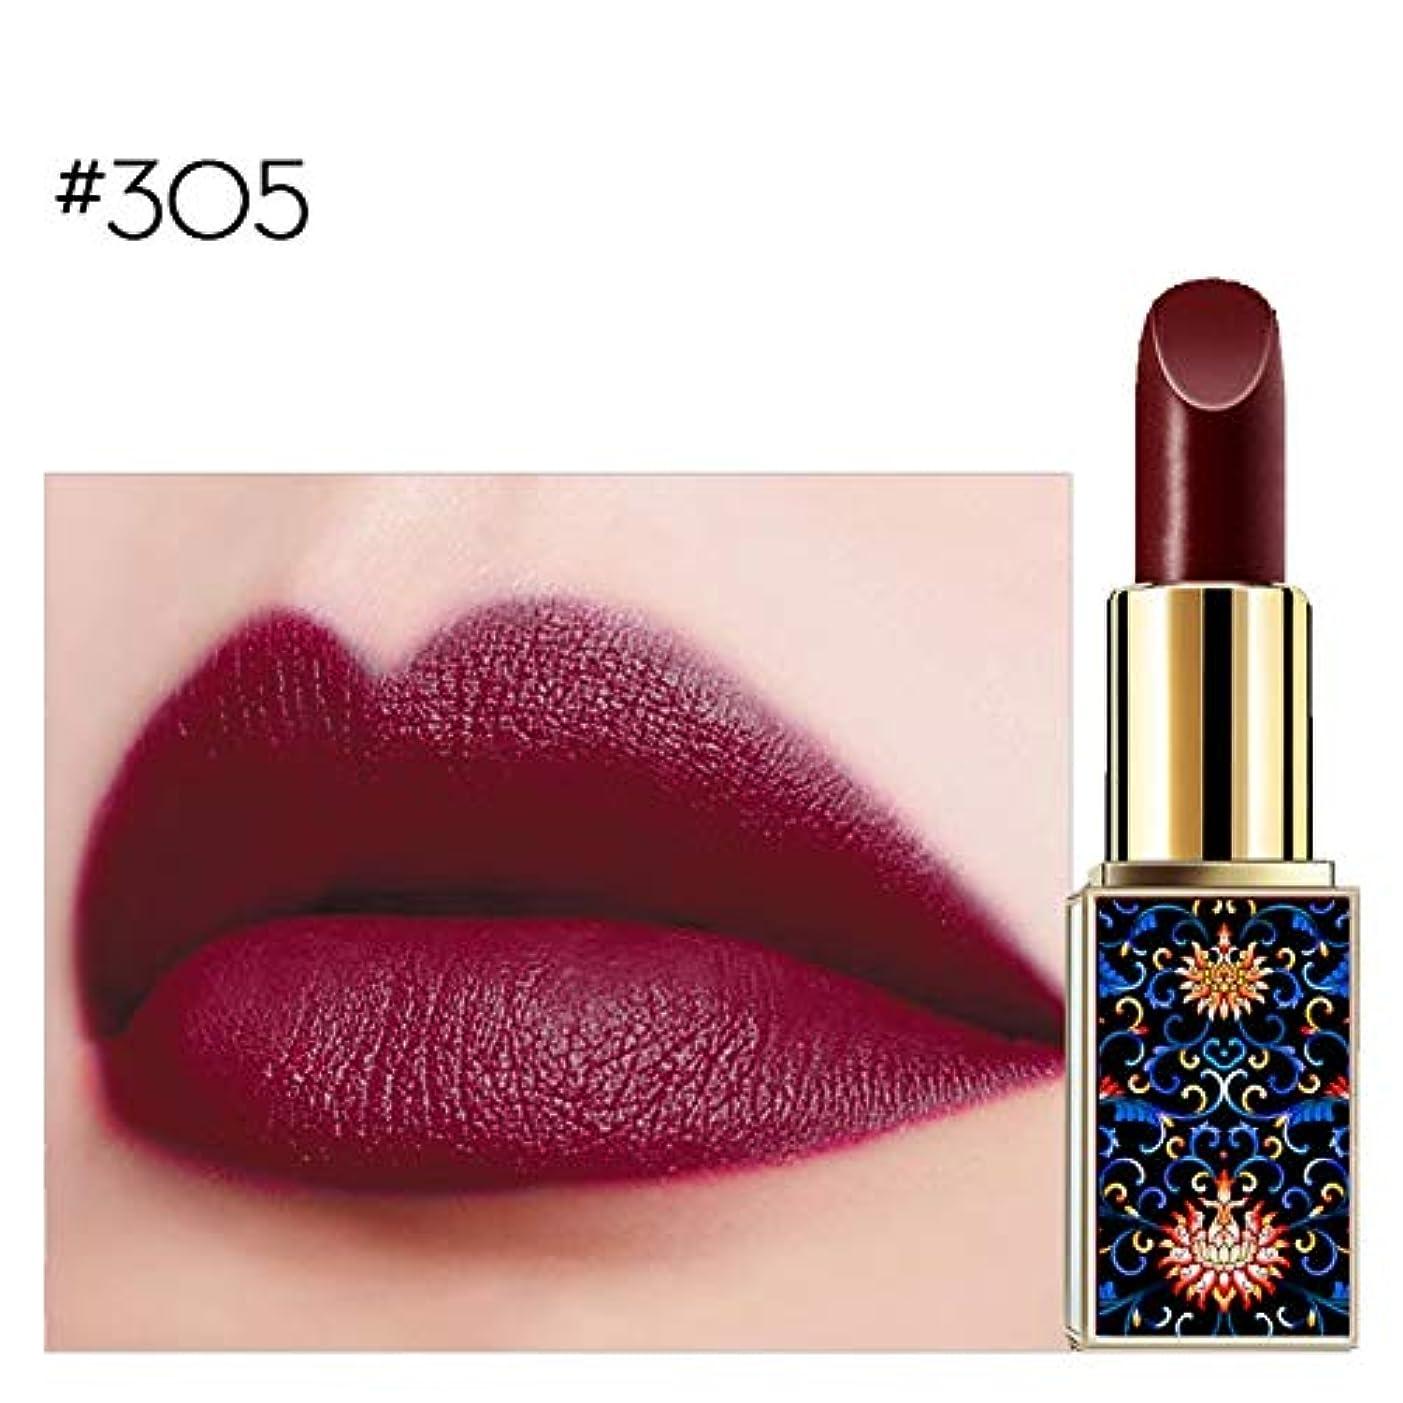 コマースレオナルドダ聖なるBalai 中国風の口紅の絹のような繊細な防水ノンスティックカップ 長持ち口紅 3D7-310 10色